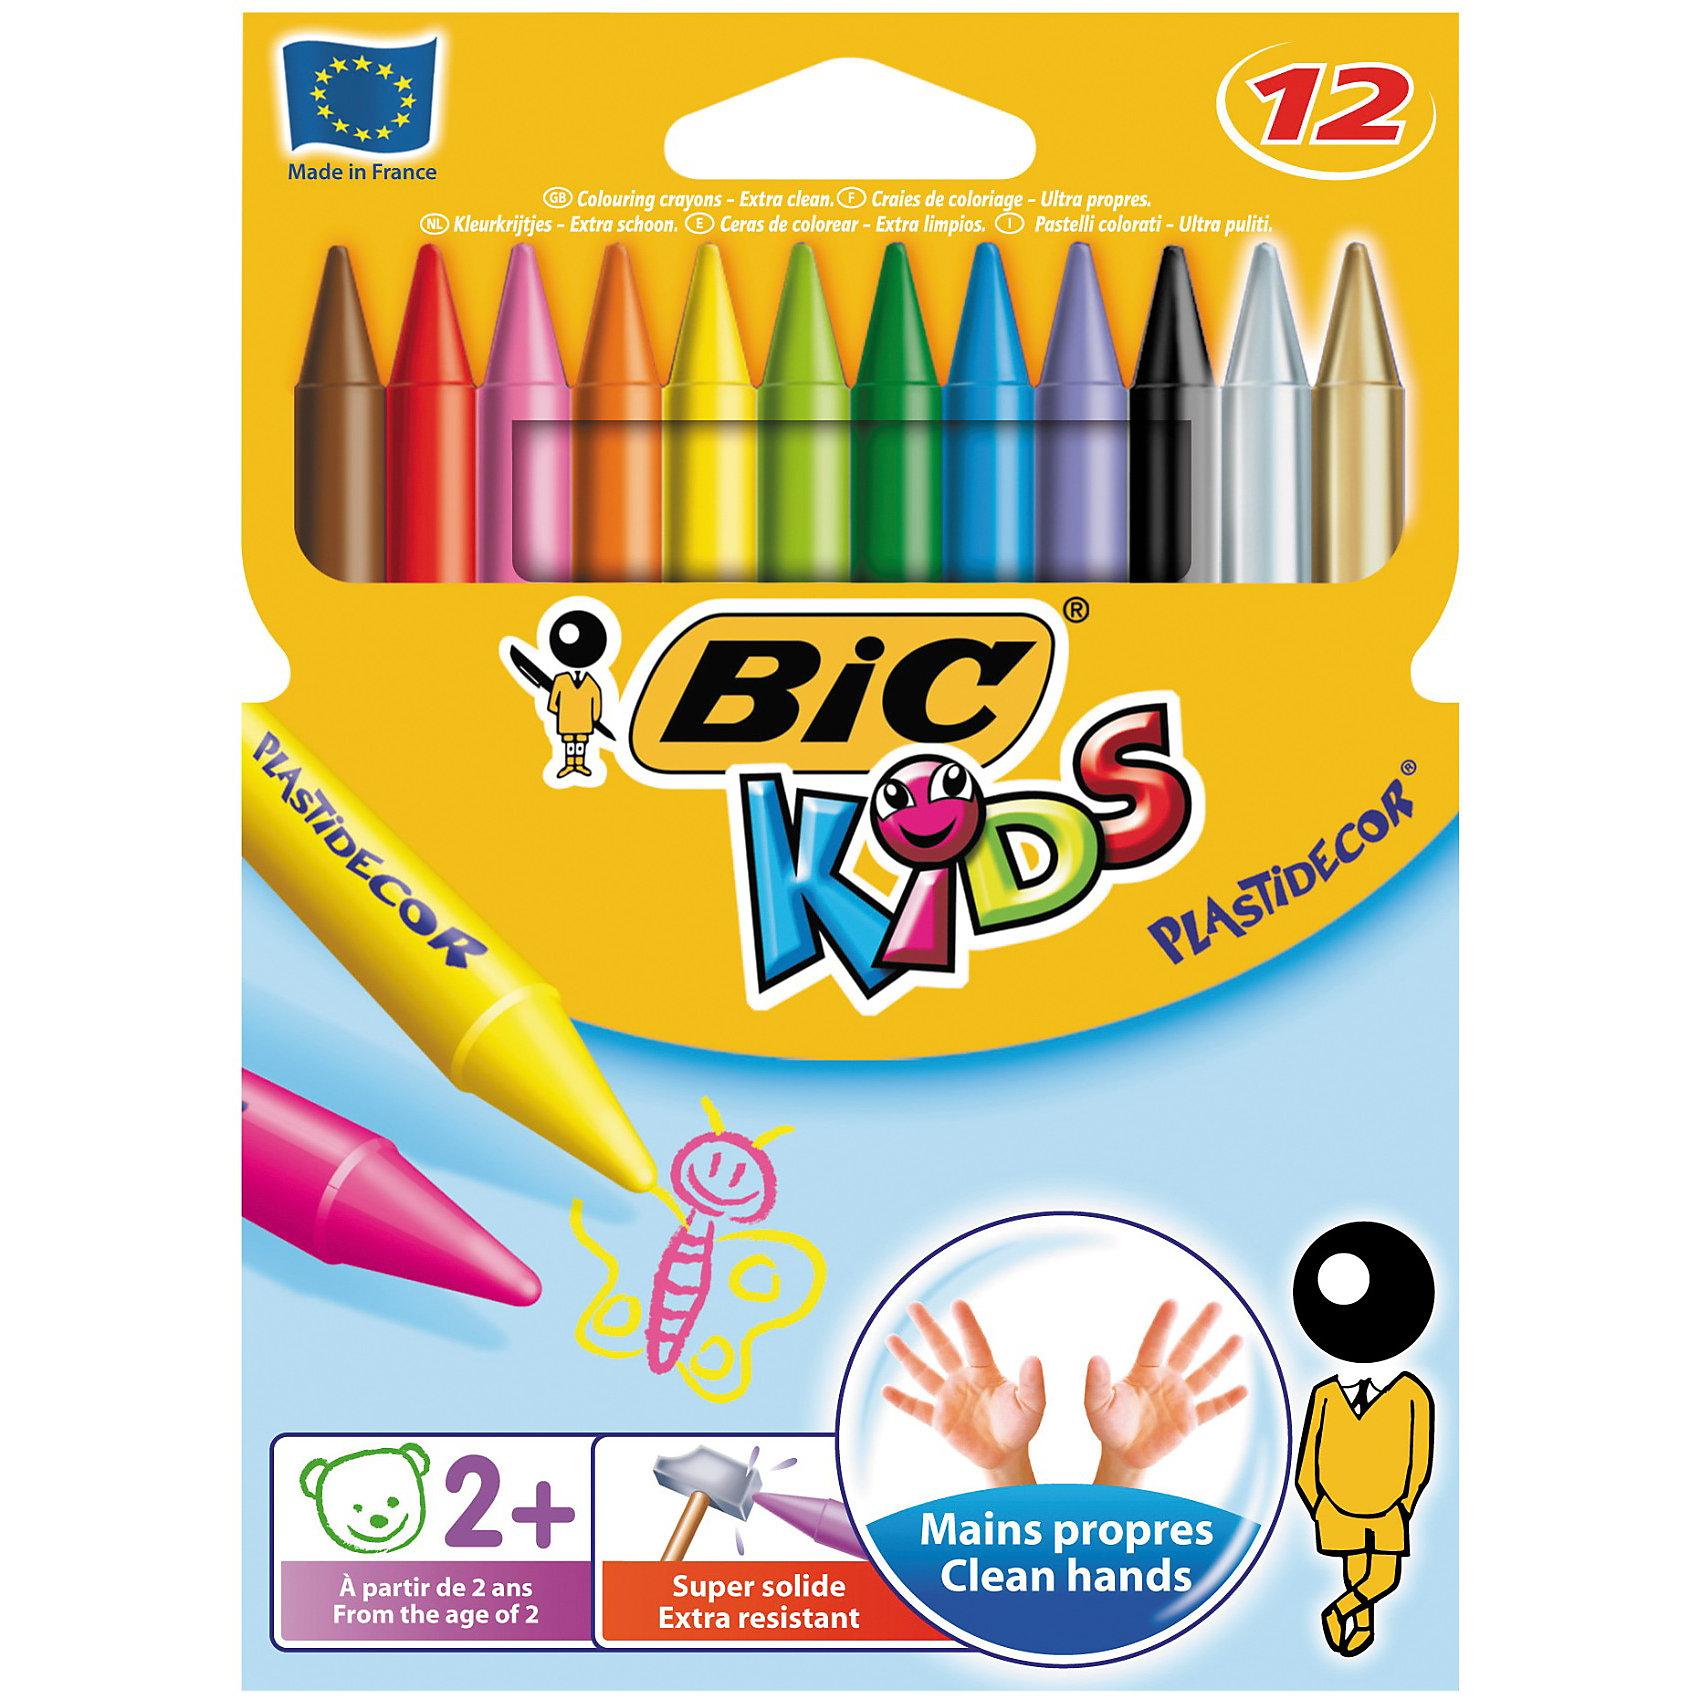 BIC  Мелки восковые цветные Три Пластидекор 12 цветовРисование<br>Прочные пластиковые мелки. Утолщенный трехгранный корпус. Не пачкает руки. Можно затачивать и стирать как карандаш. Хорошо закрашивает.<br><br>Ширина мм: 12<br>Глубина мм: 150<br>Высота мм: 135<br>Вес г: 80<br>Возраст от месяцев: 36<br>Возраст до месяцев: 1188<br>Пол: Унисекс<br>Возраст: Детский<br>SKU: 2493067